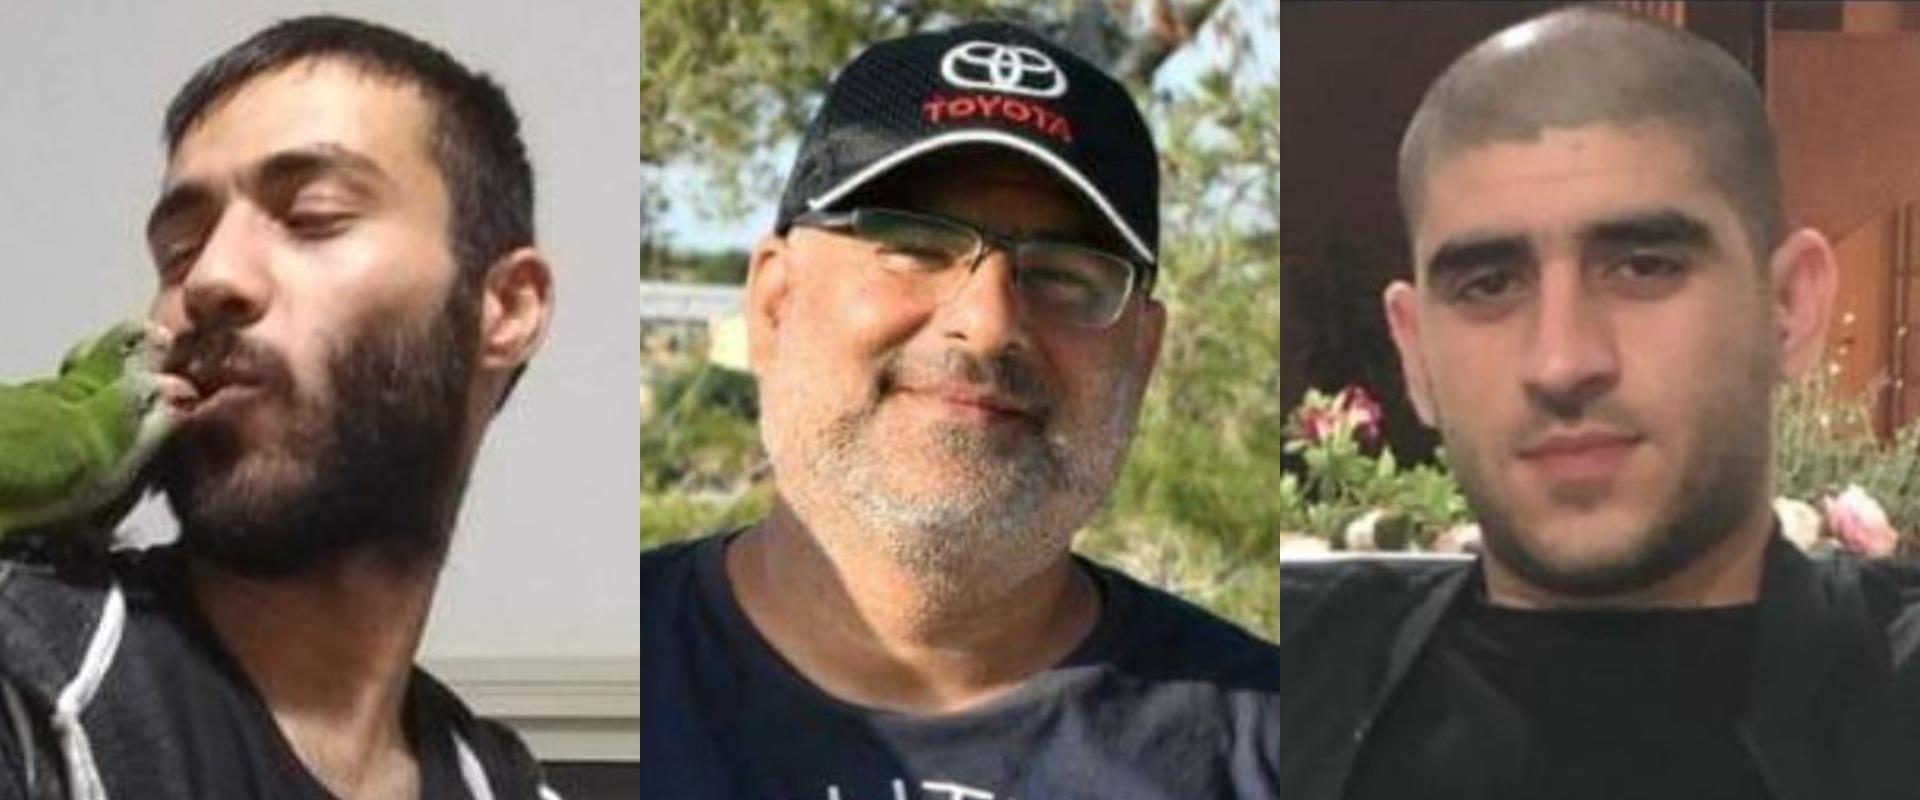 הנרצחים: אמיר אבו חוסיין וקרוביו מוחמד ואחמד שרקיה